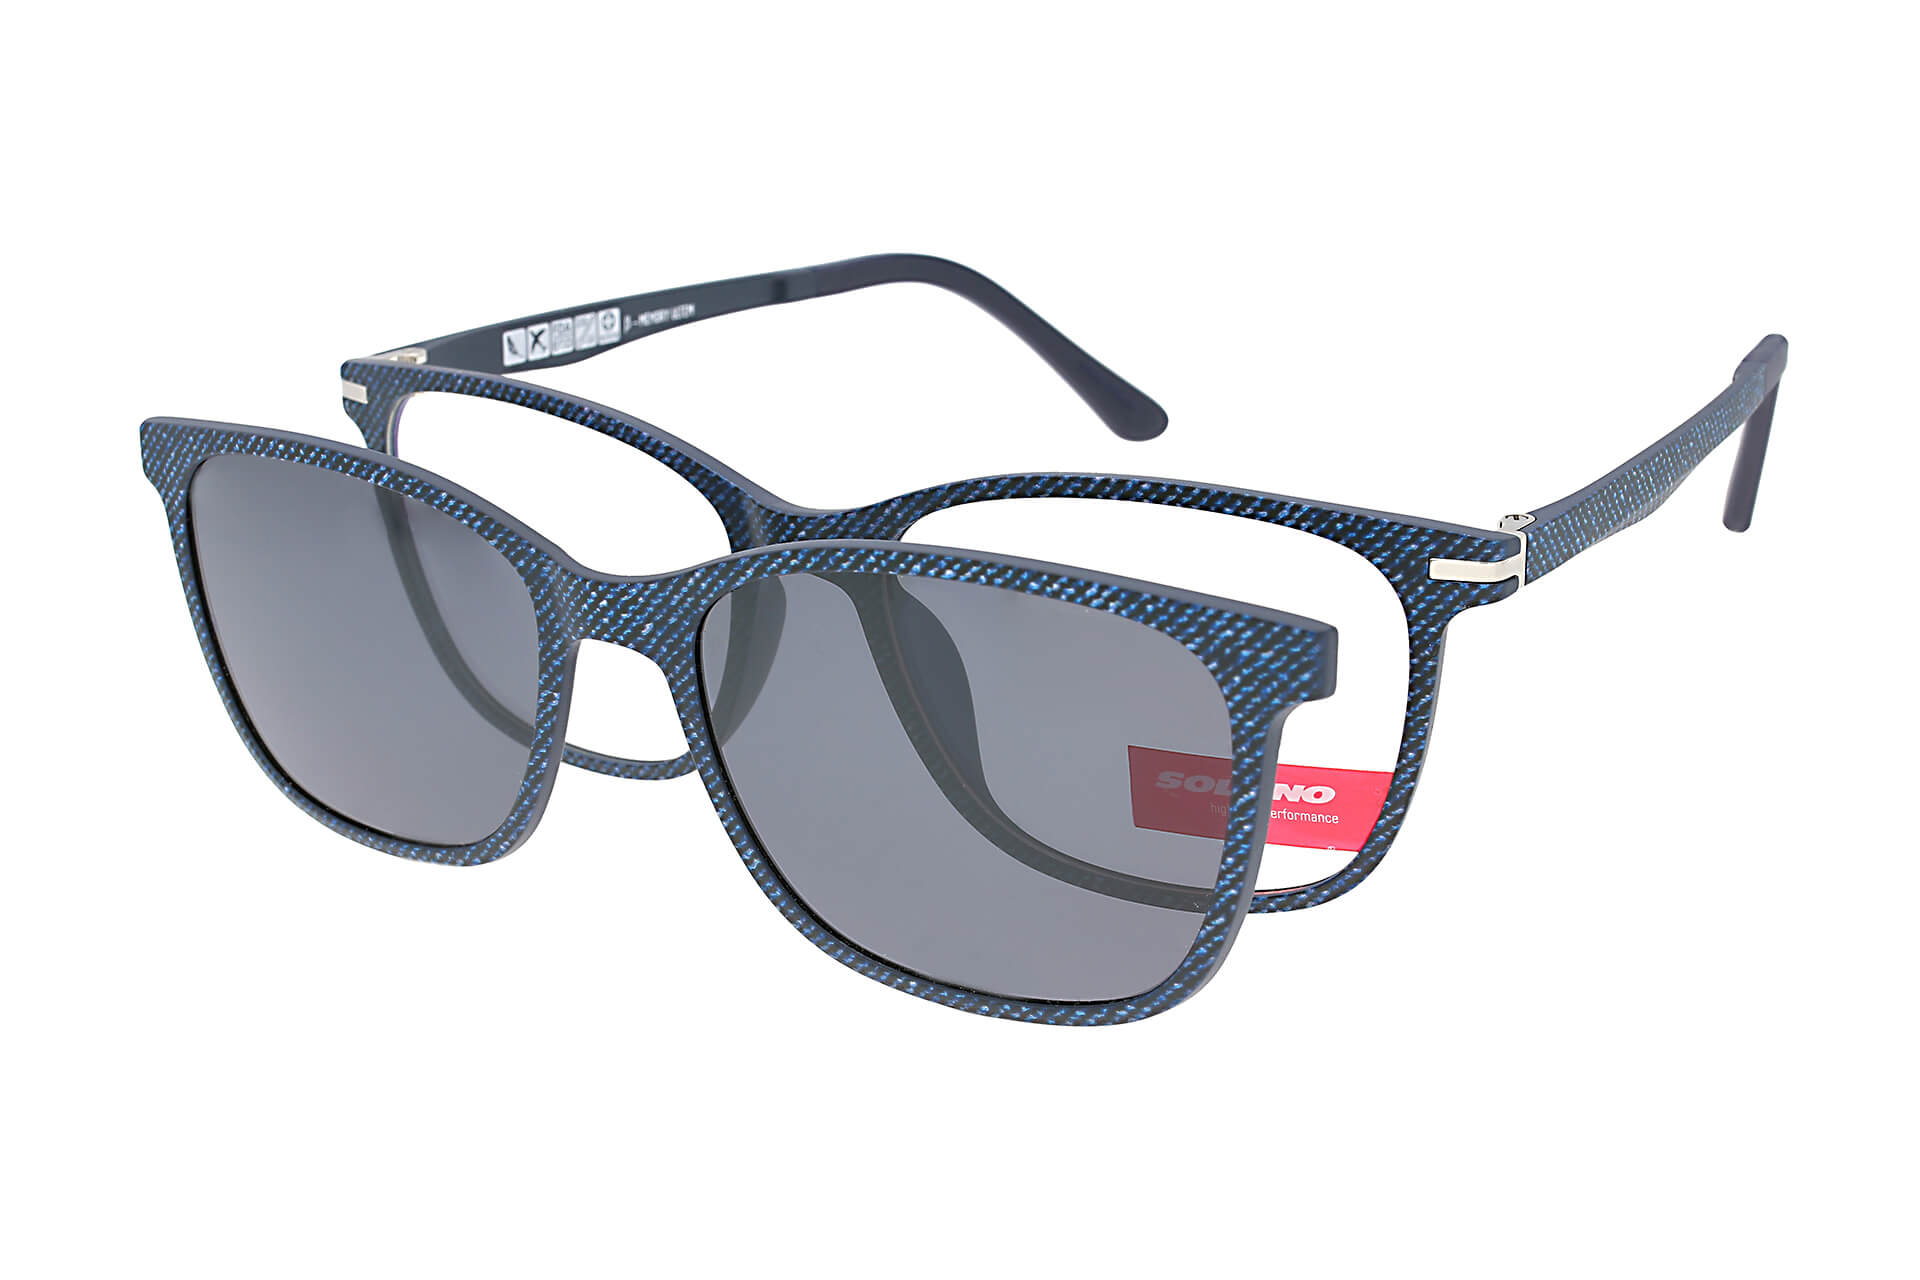 SOLANO ☼ Magnet Sonnenclip Brillen ☼ Online kaufen